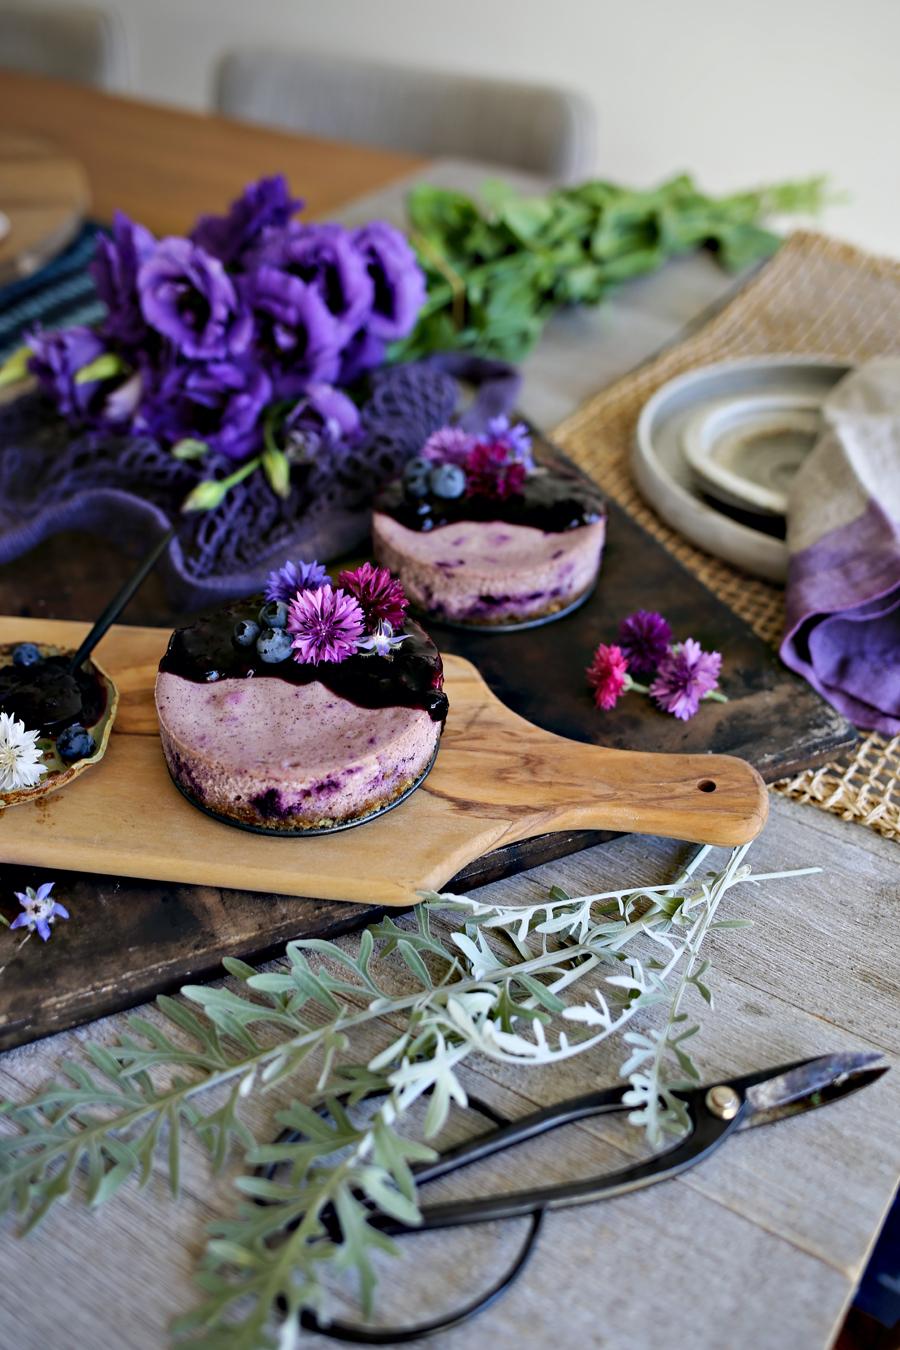 04_Blueberry-Cheesecake-Dine-X-Design.jpg